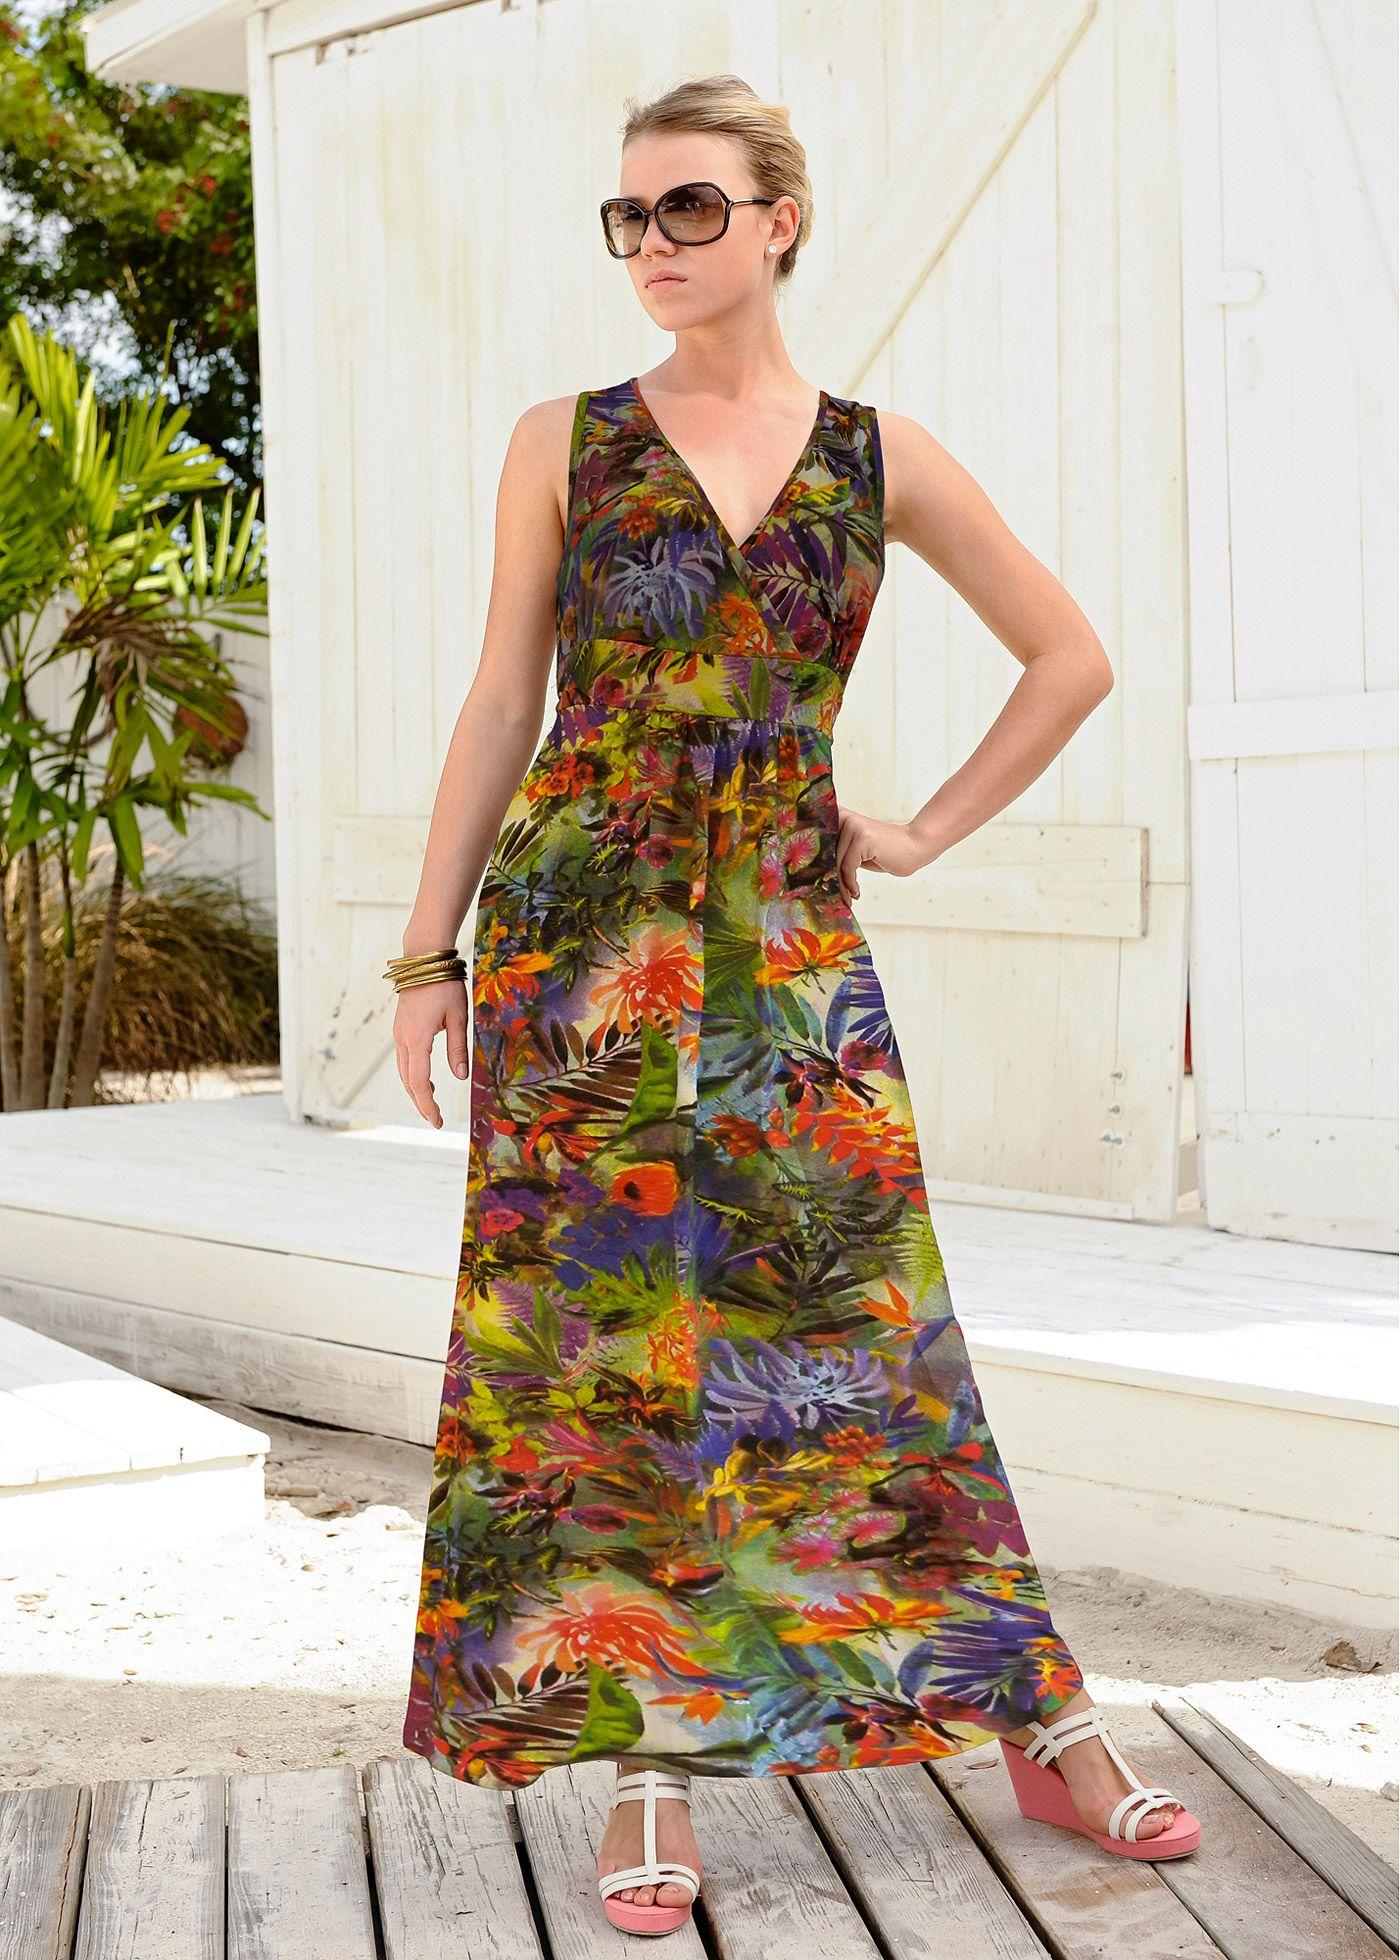 Vestido longo de malha amarelo-claro estampado encomendar agora na loja on-line bonprix.de  R$ 129,00 a partir de Cada pe�a � �nica! Formato levemente ...